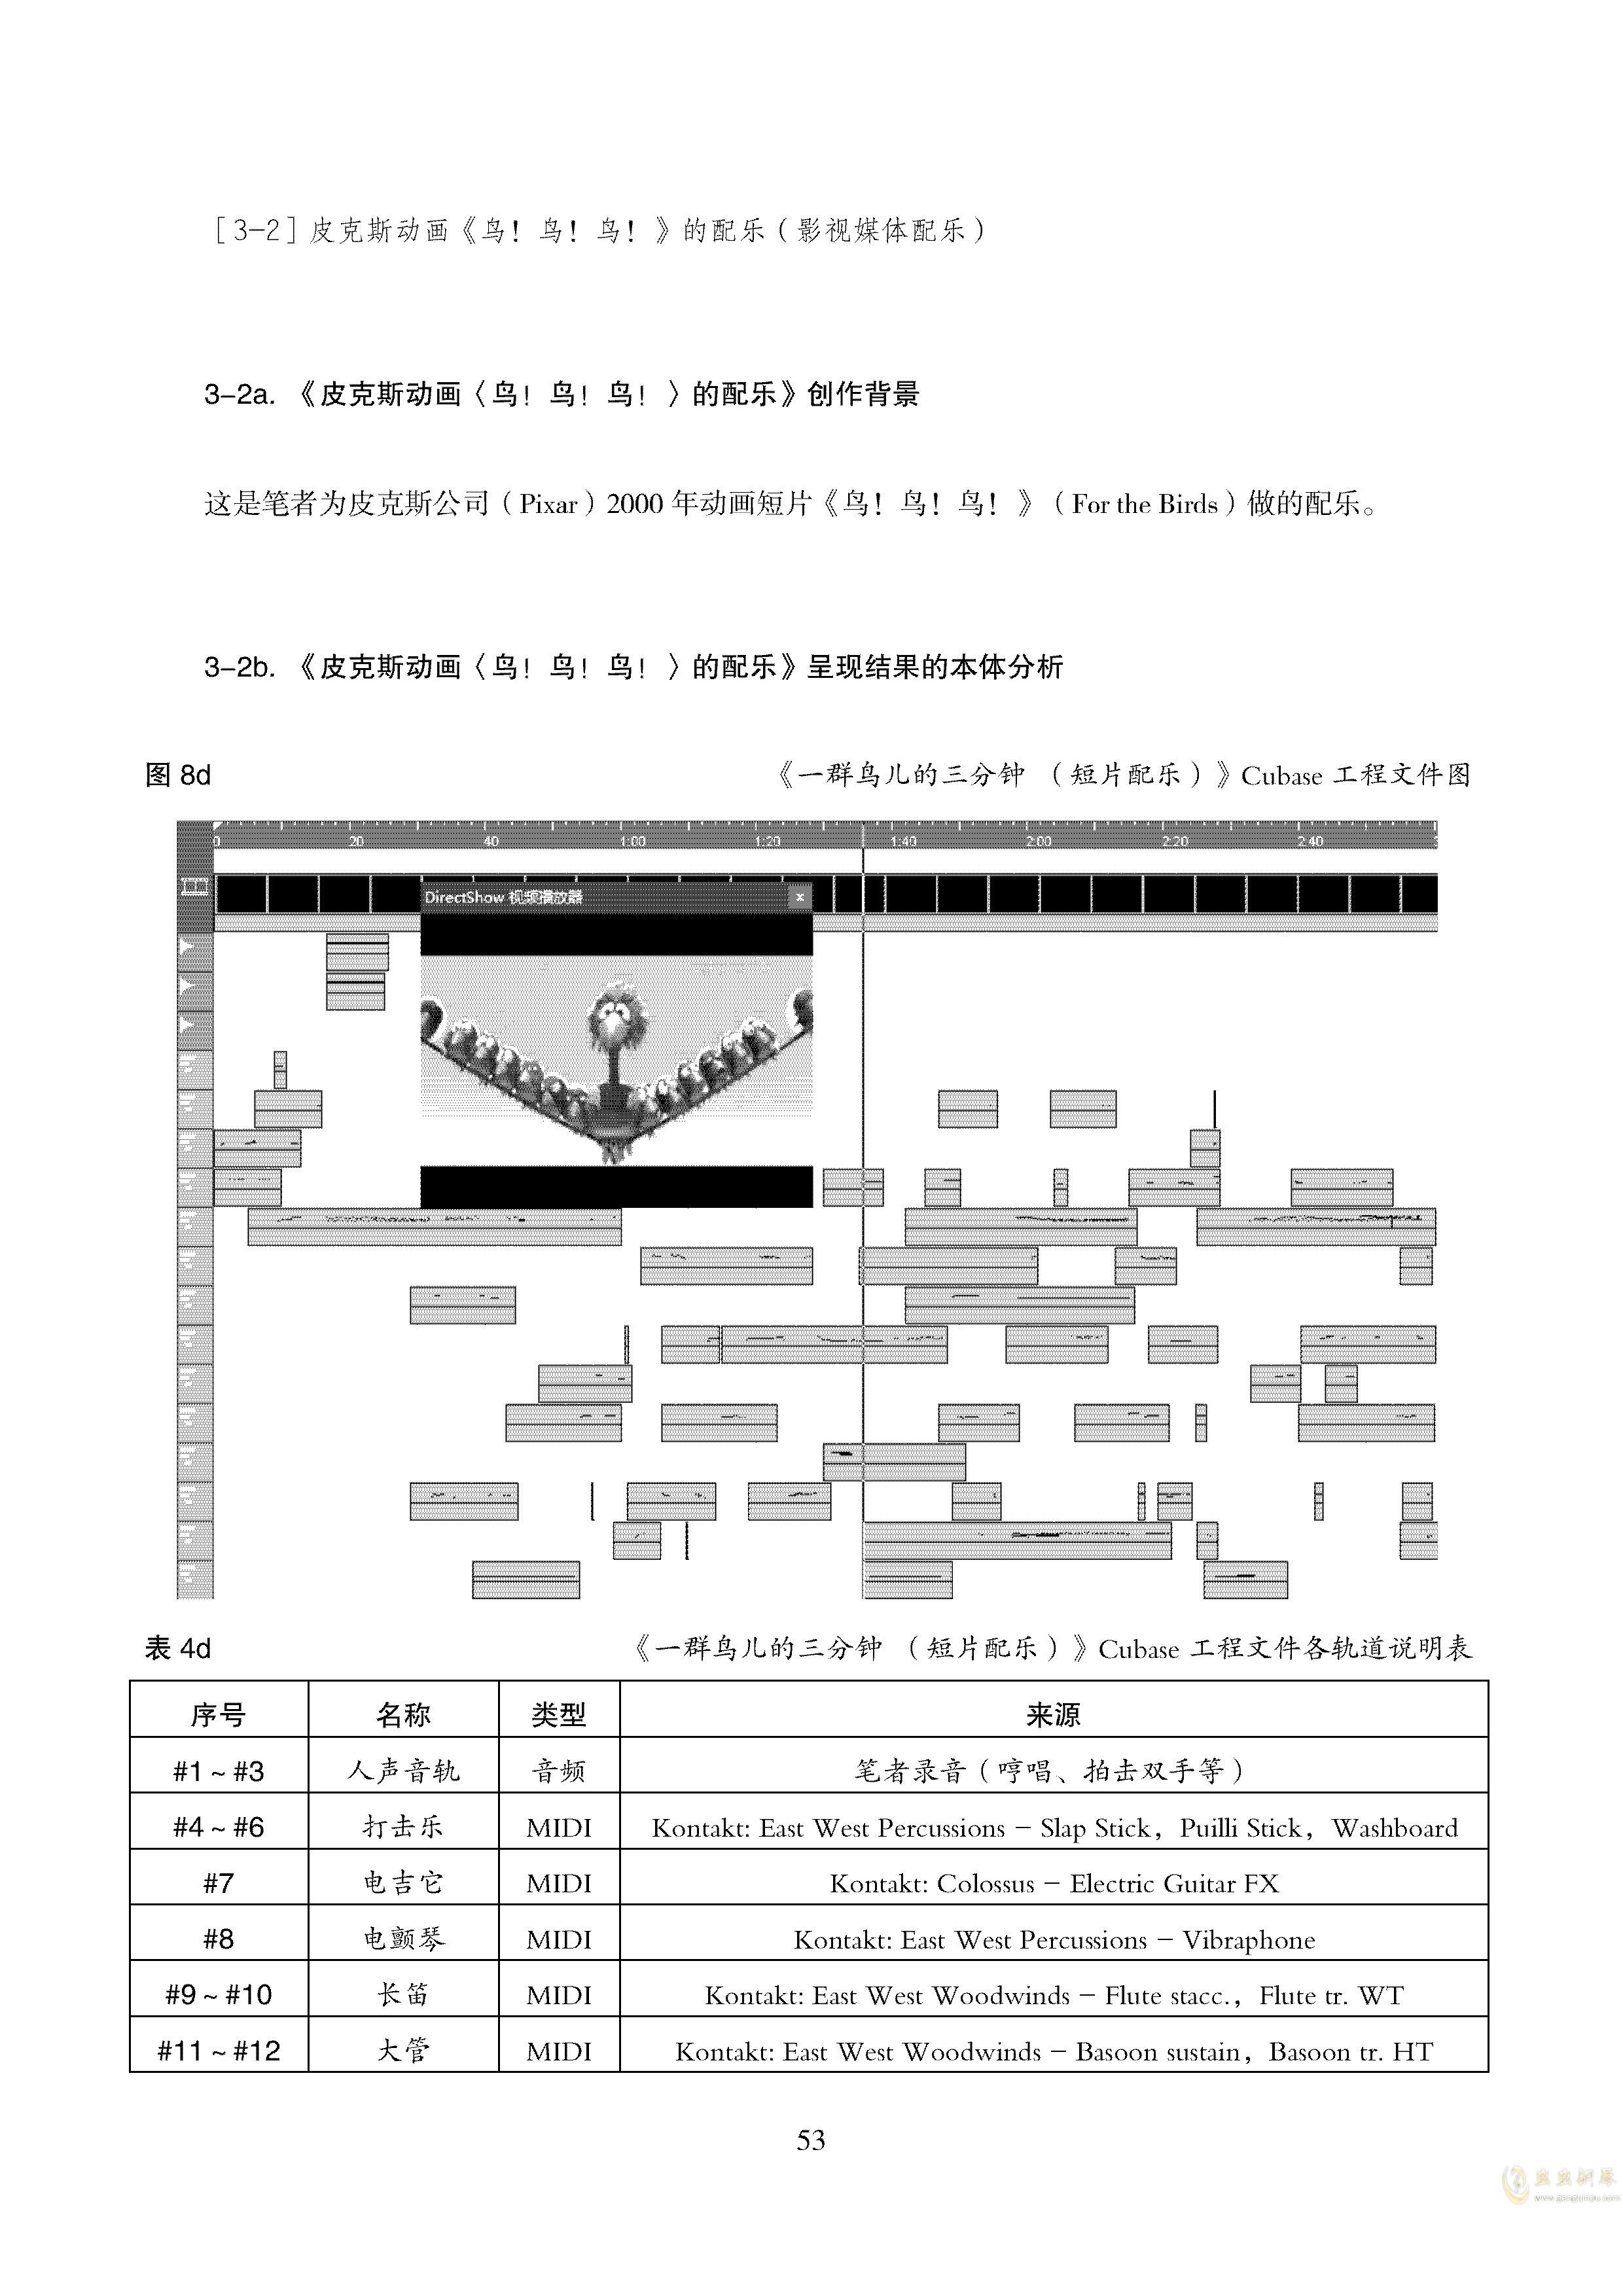 真·硕士论文ag88环亚娱乐谱 第57页